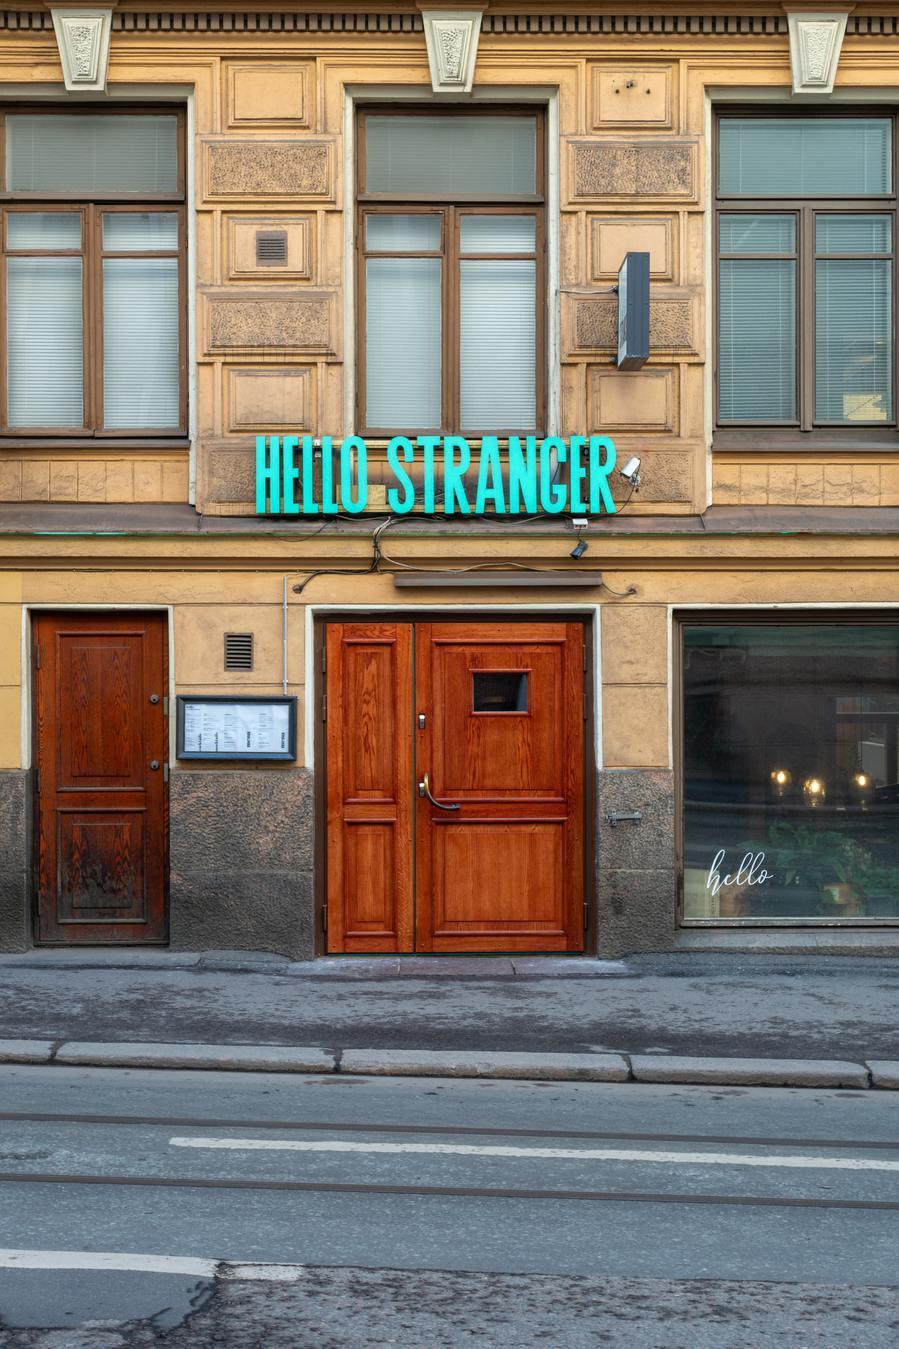 Hallo vreemdeling bord op een gebouw in een straat